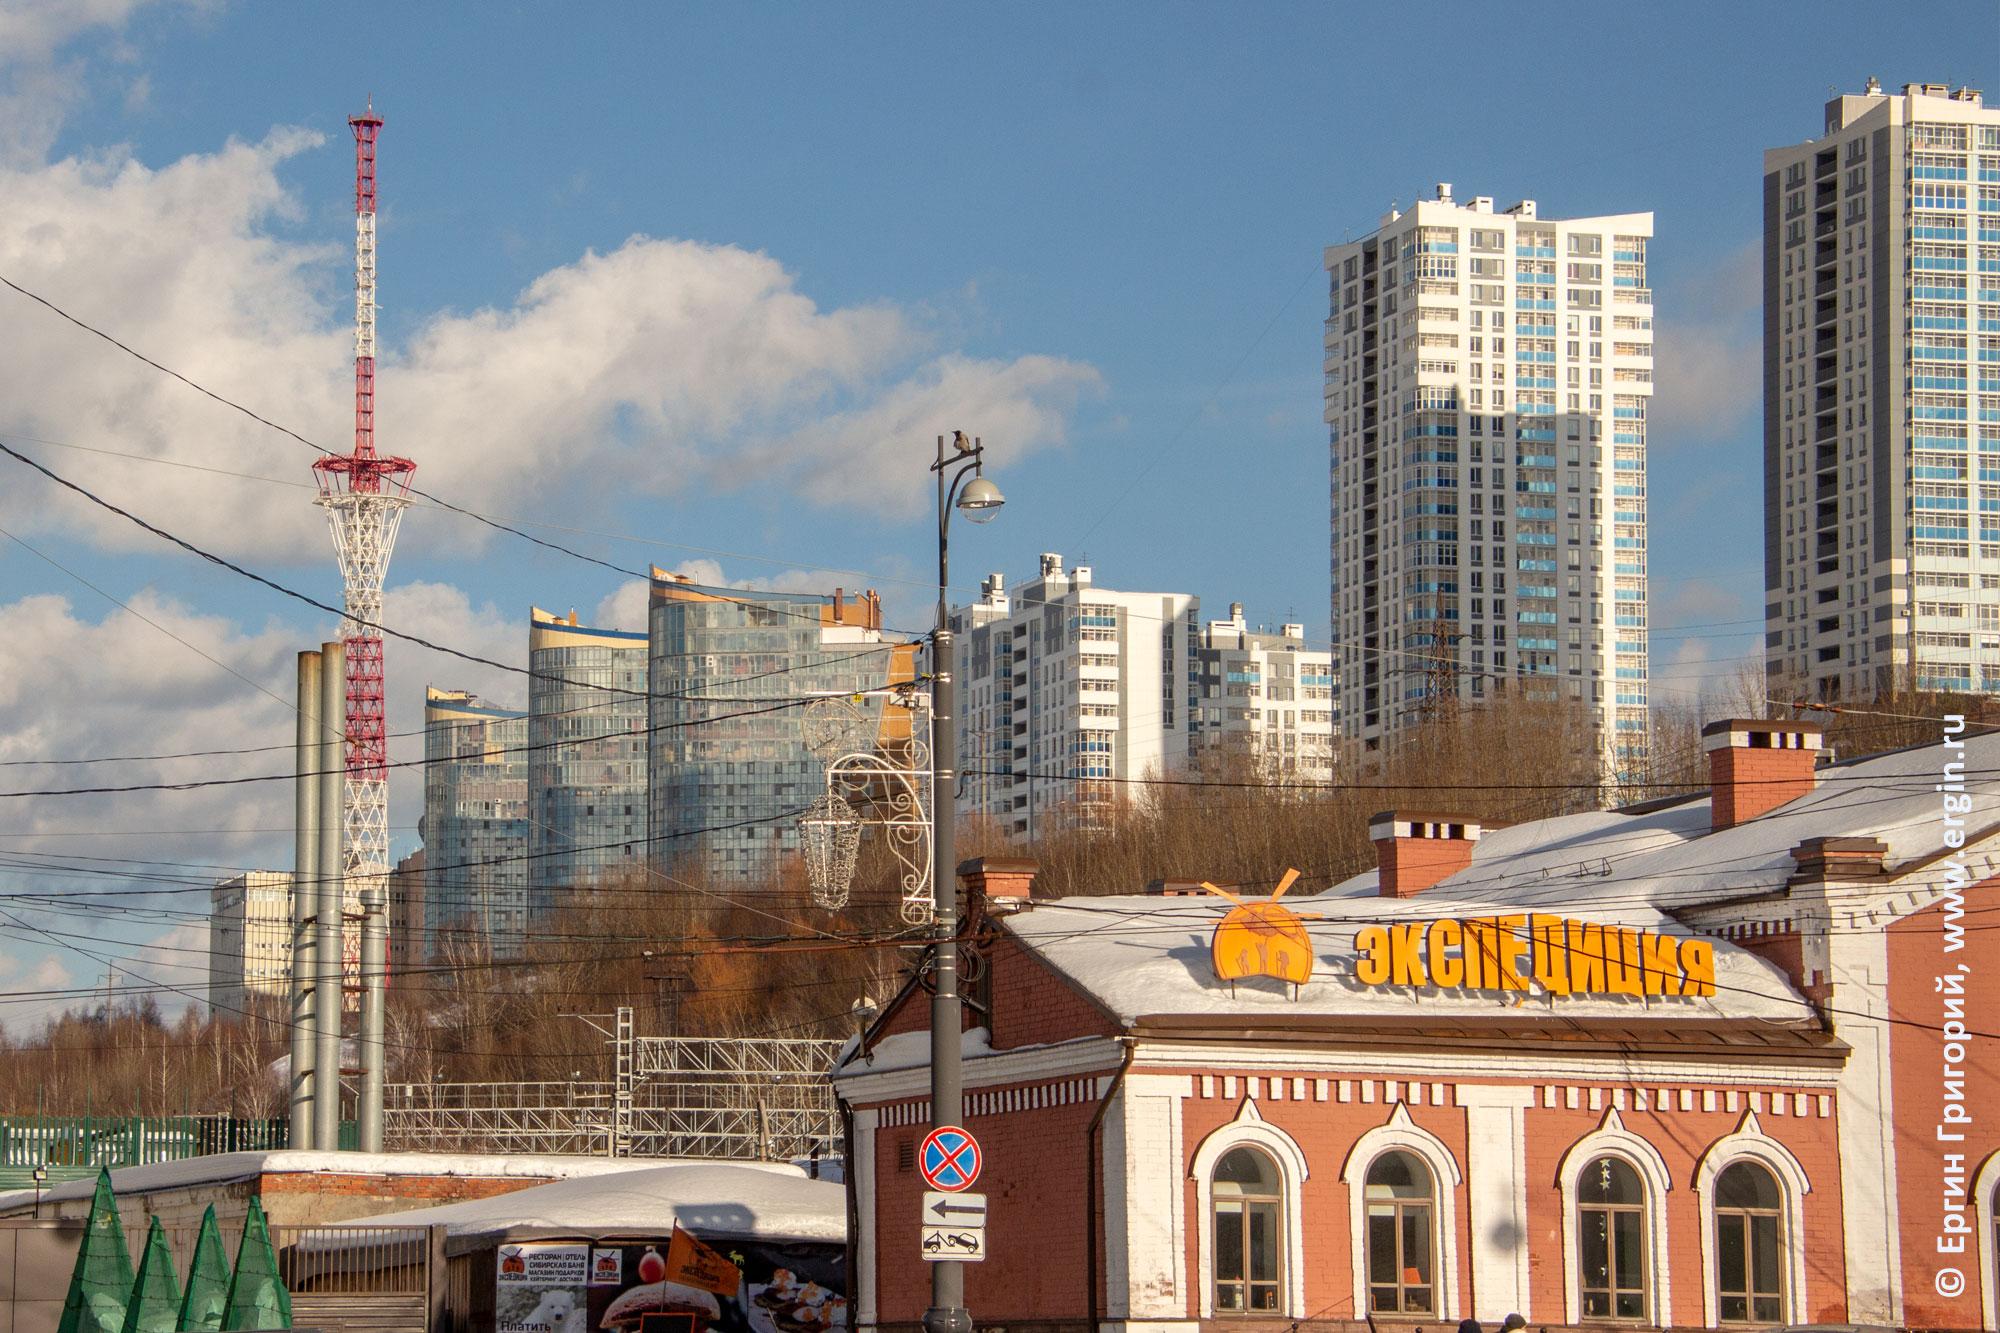 Пермь вид на город у речного вокзала